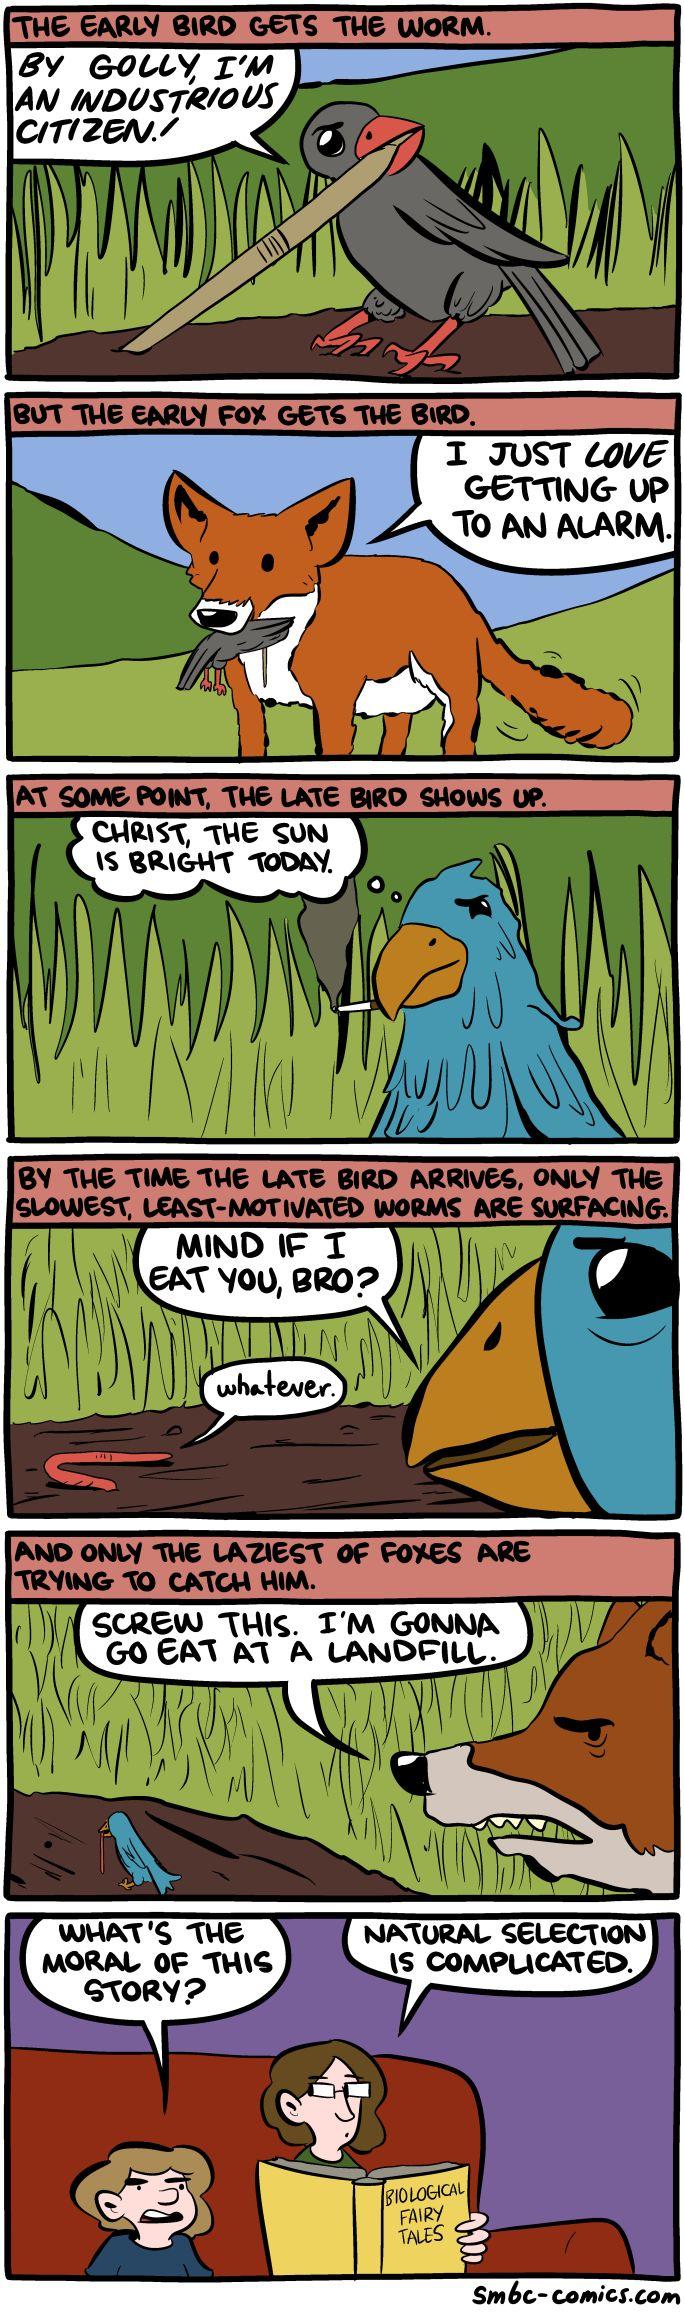 The Early Bird - Imgur